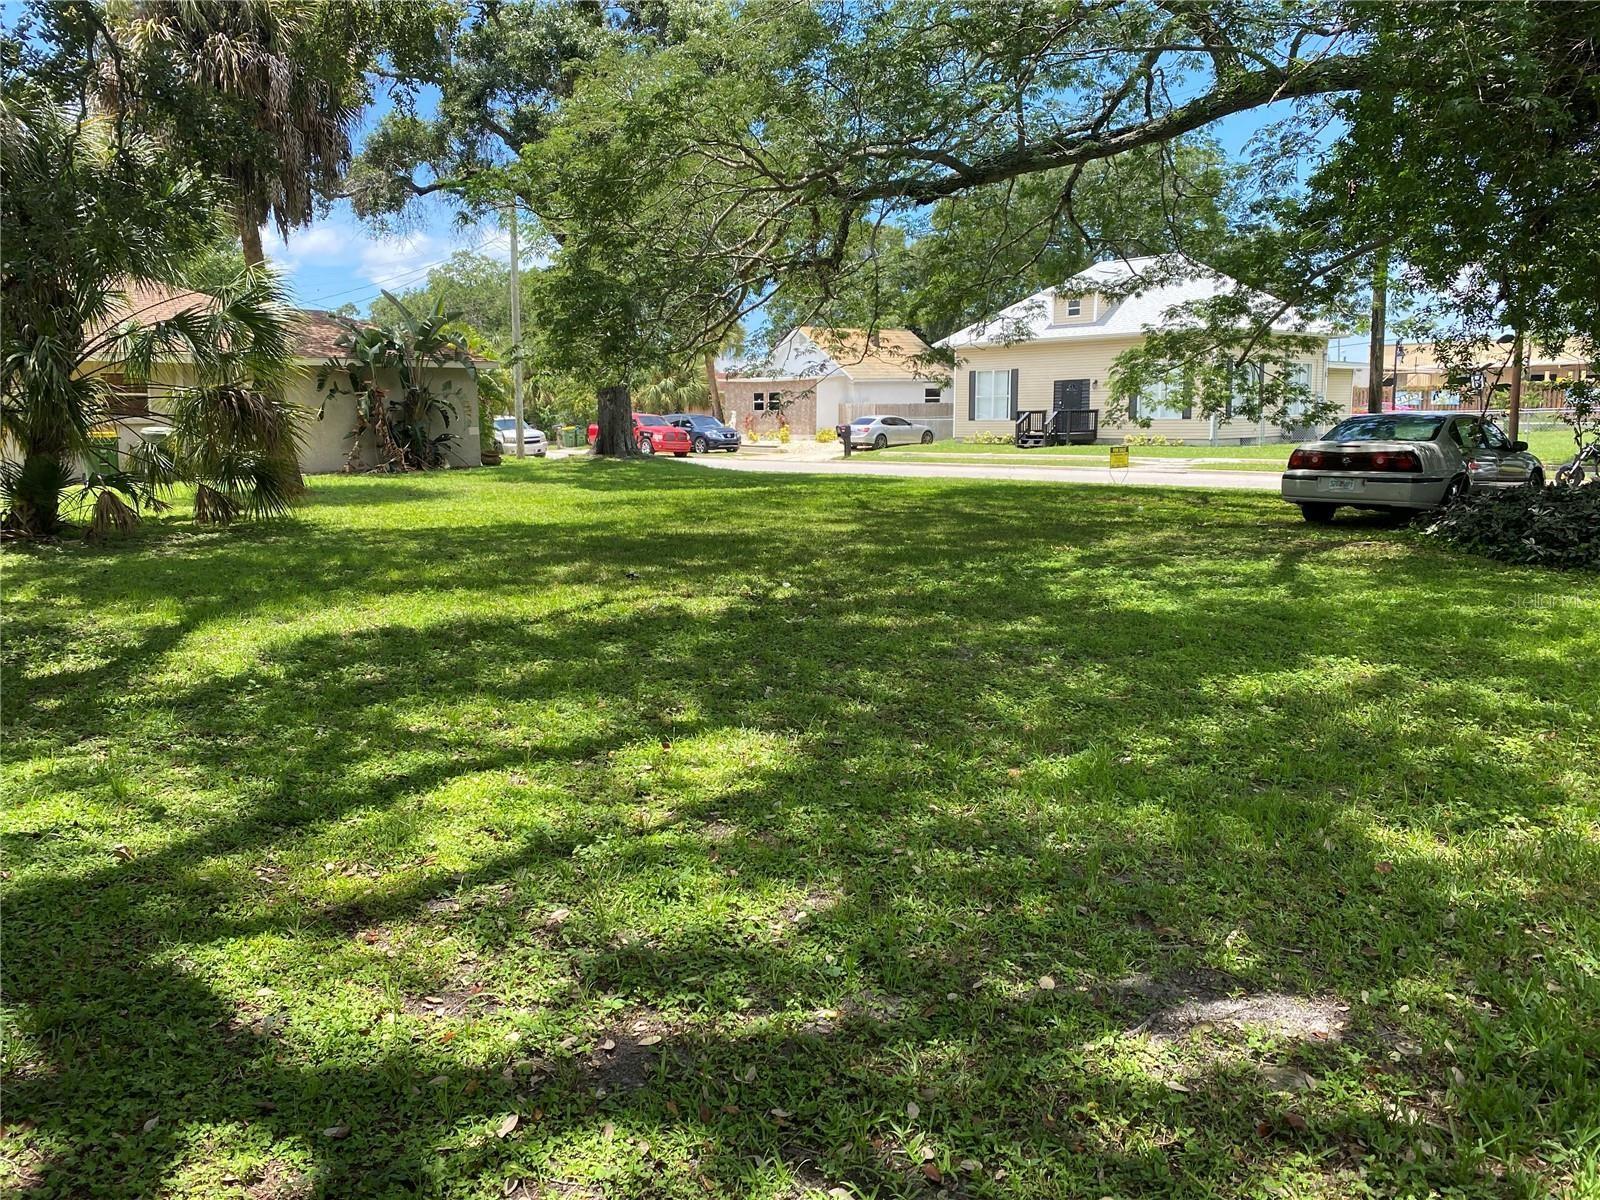 Photo of 1728 36TH STREET, SARASOTA, FL 34234 (MLS # A4507684)